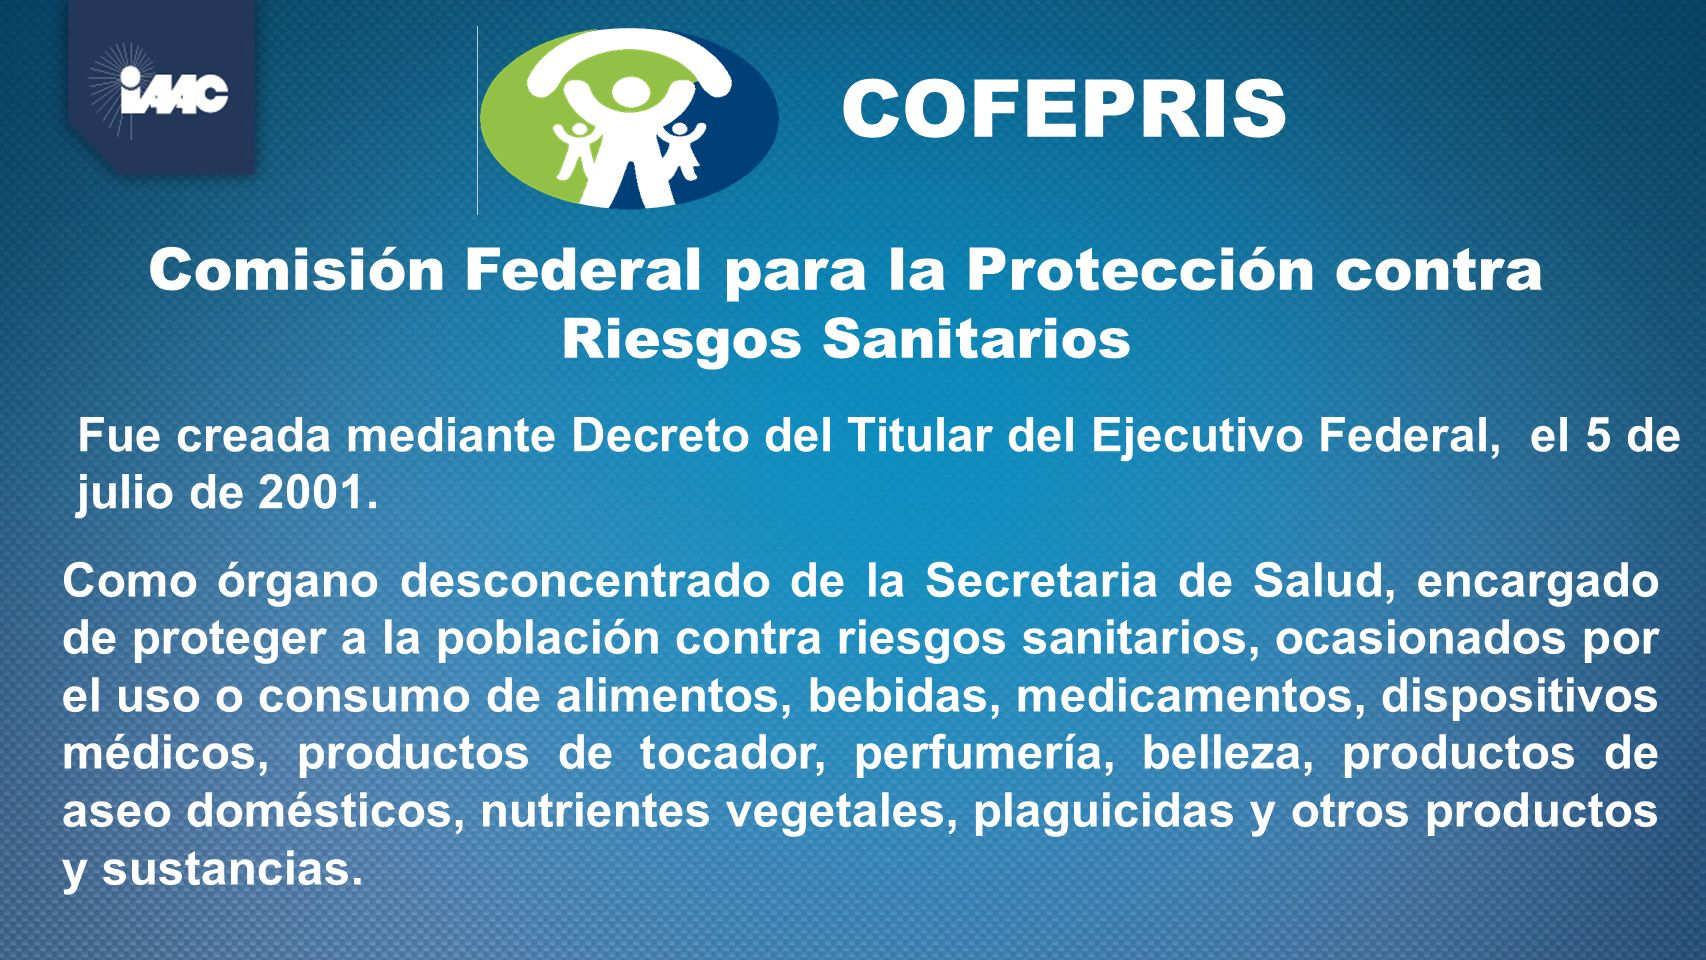 Comisionado Federal para la Protección contra Riesgos Sanitarios Maestro Mikel Andoni Arriola Peñaloza TITULAR DE COFEPRIS